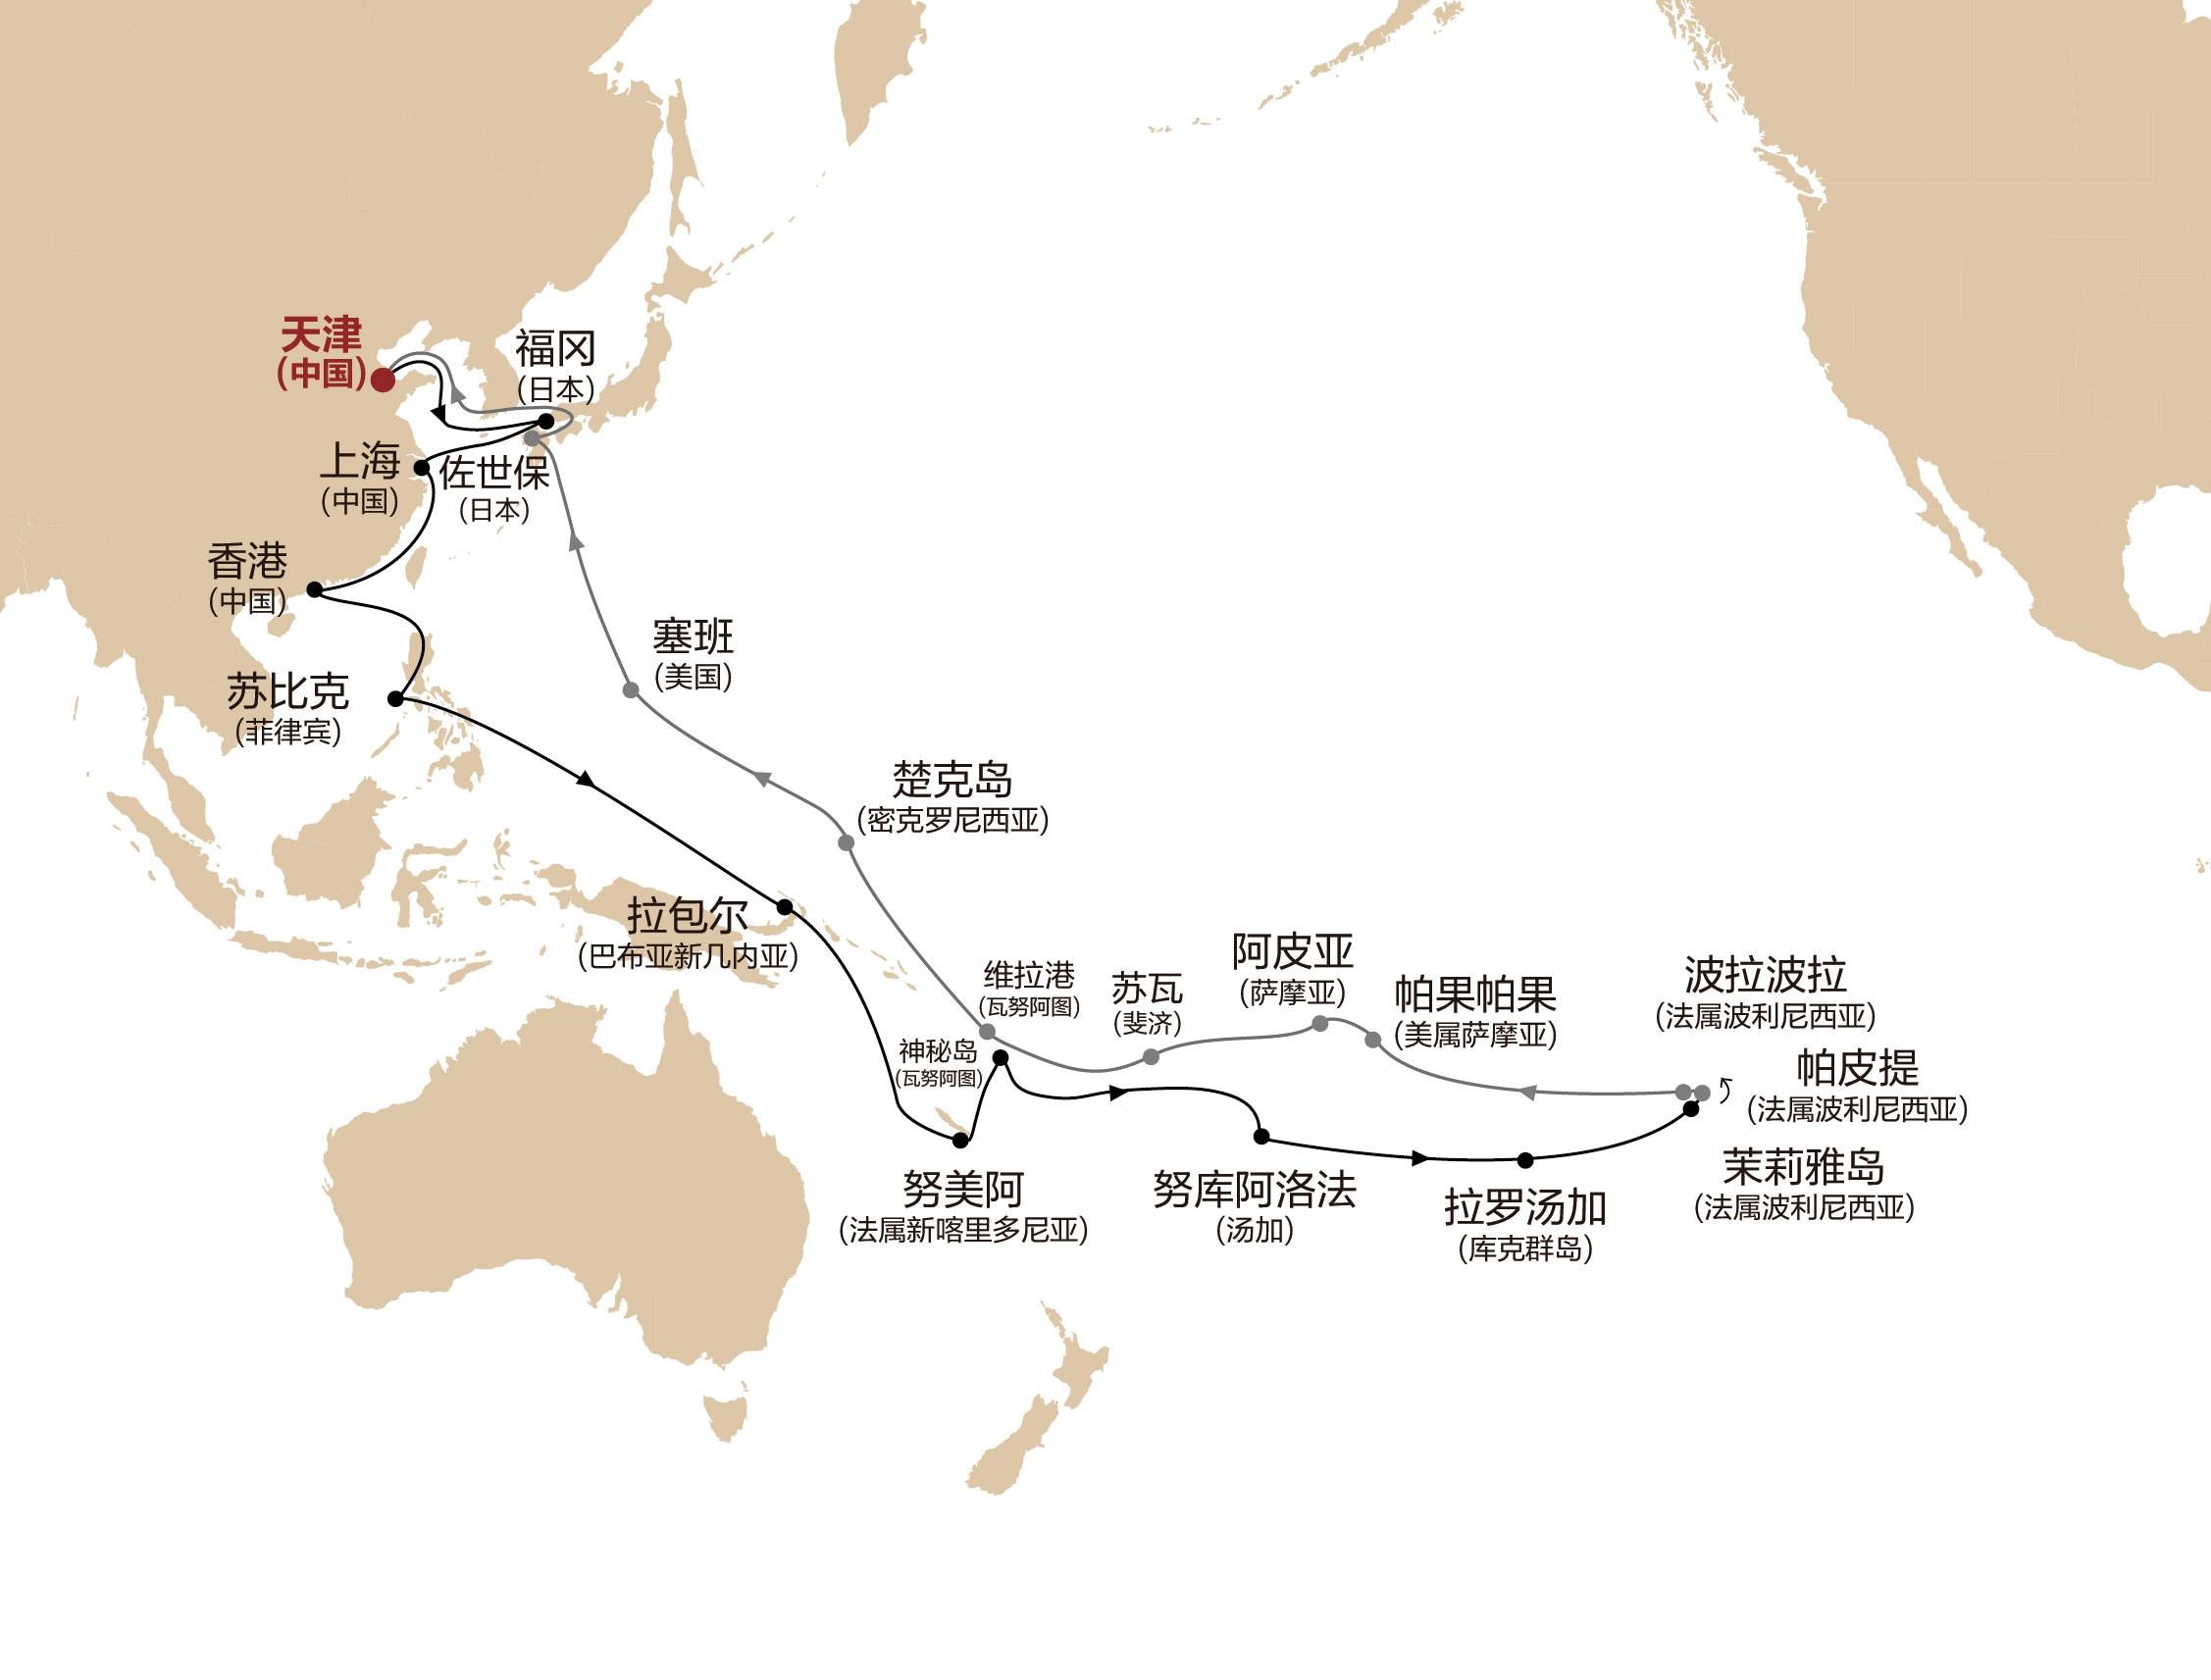 中国国家元首首访巴新:助力太平洋岛国旅游